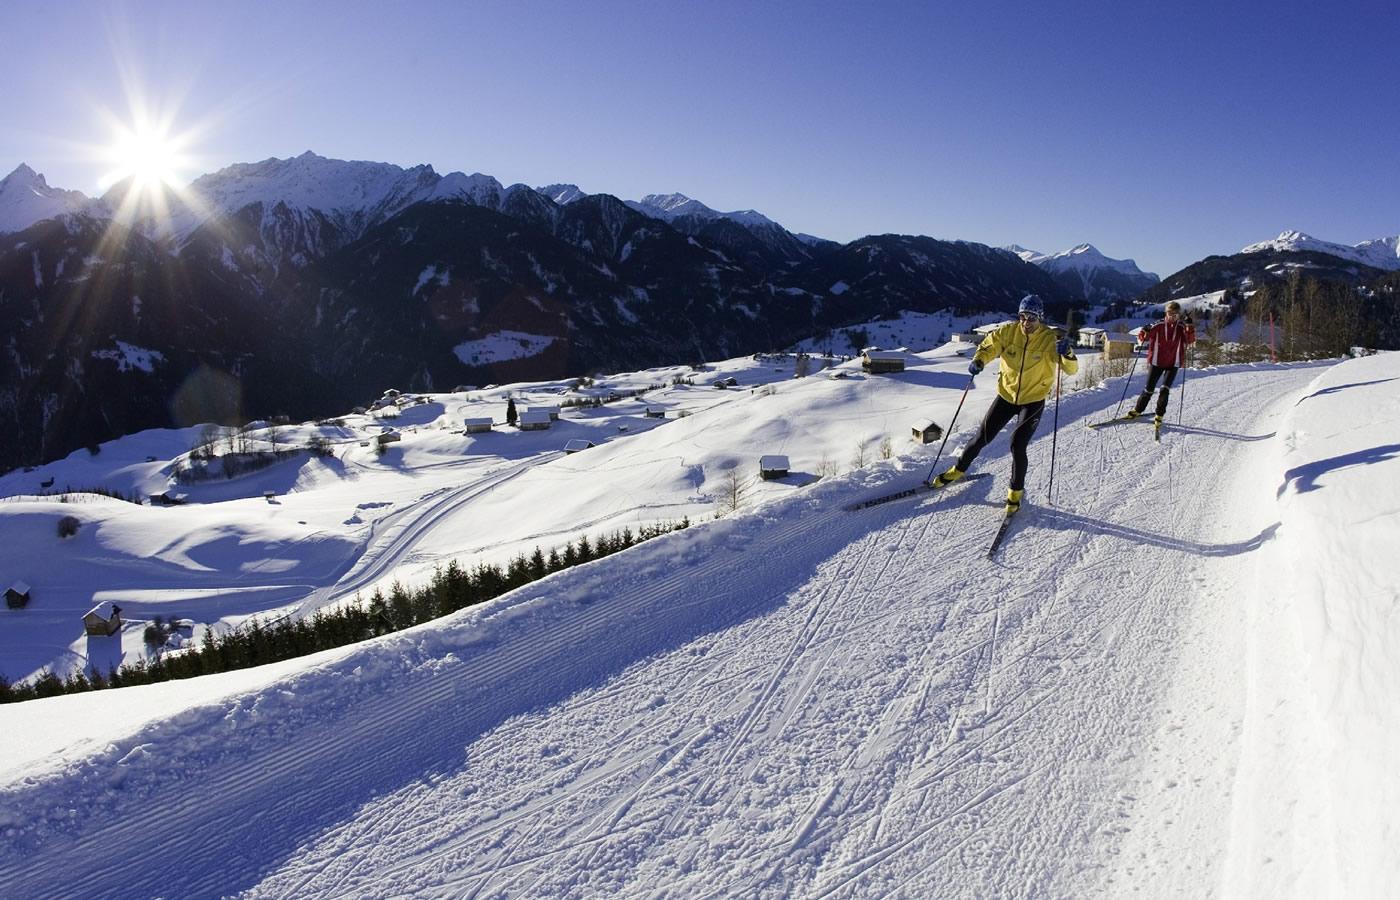 Langläufer in Serfaus-Fiss-Ladis in Österreich. Natürlicher Urlaub.